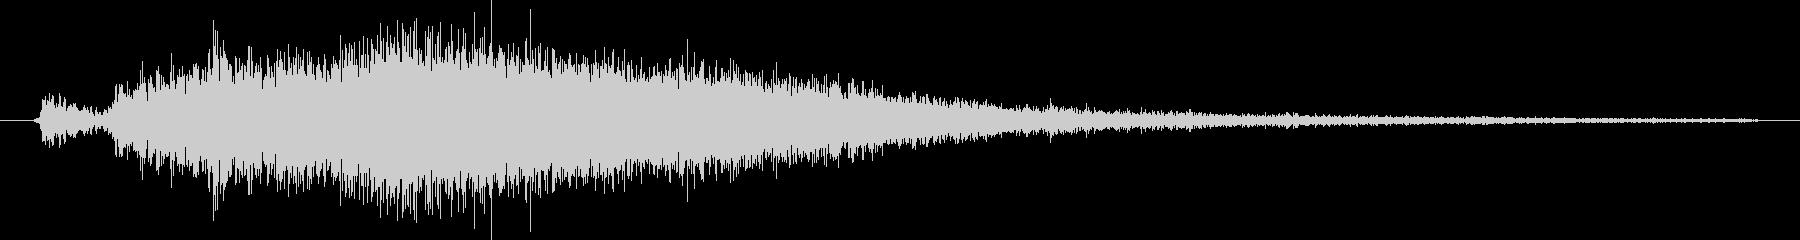 空気が放出される音の未再生の波形